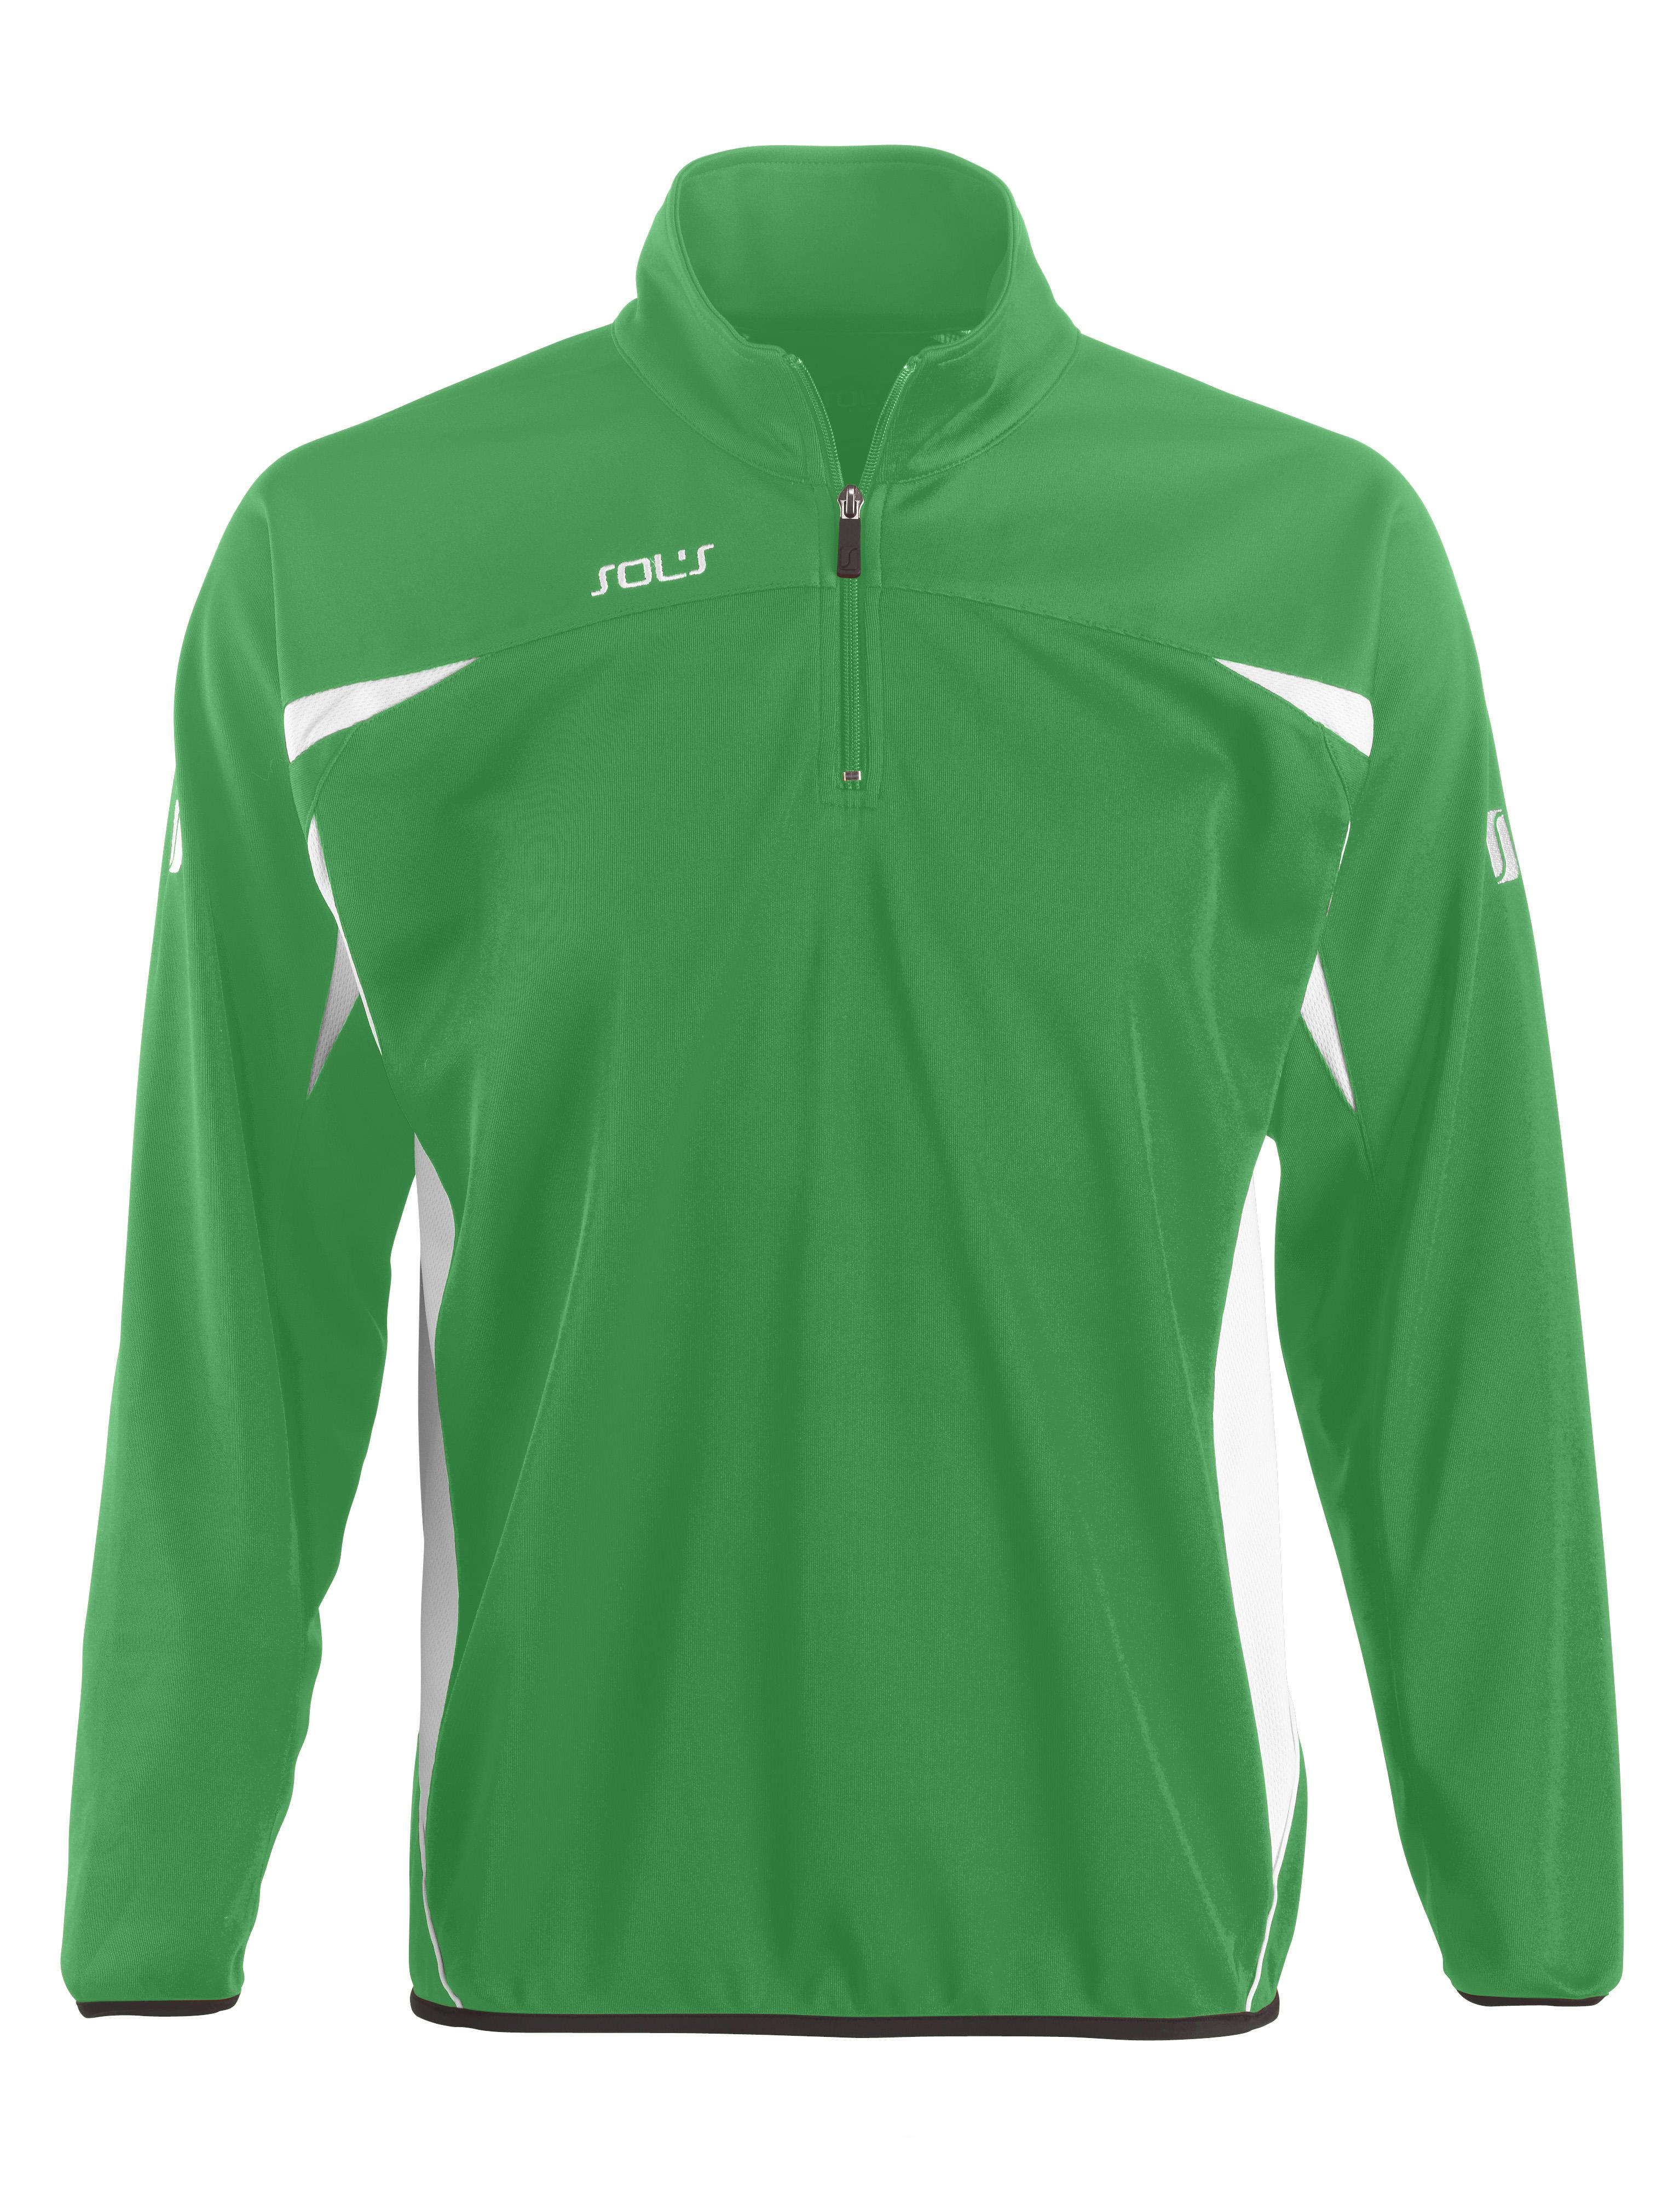 Bernabeu Sweat - Bright Green/White - M